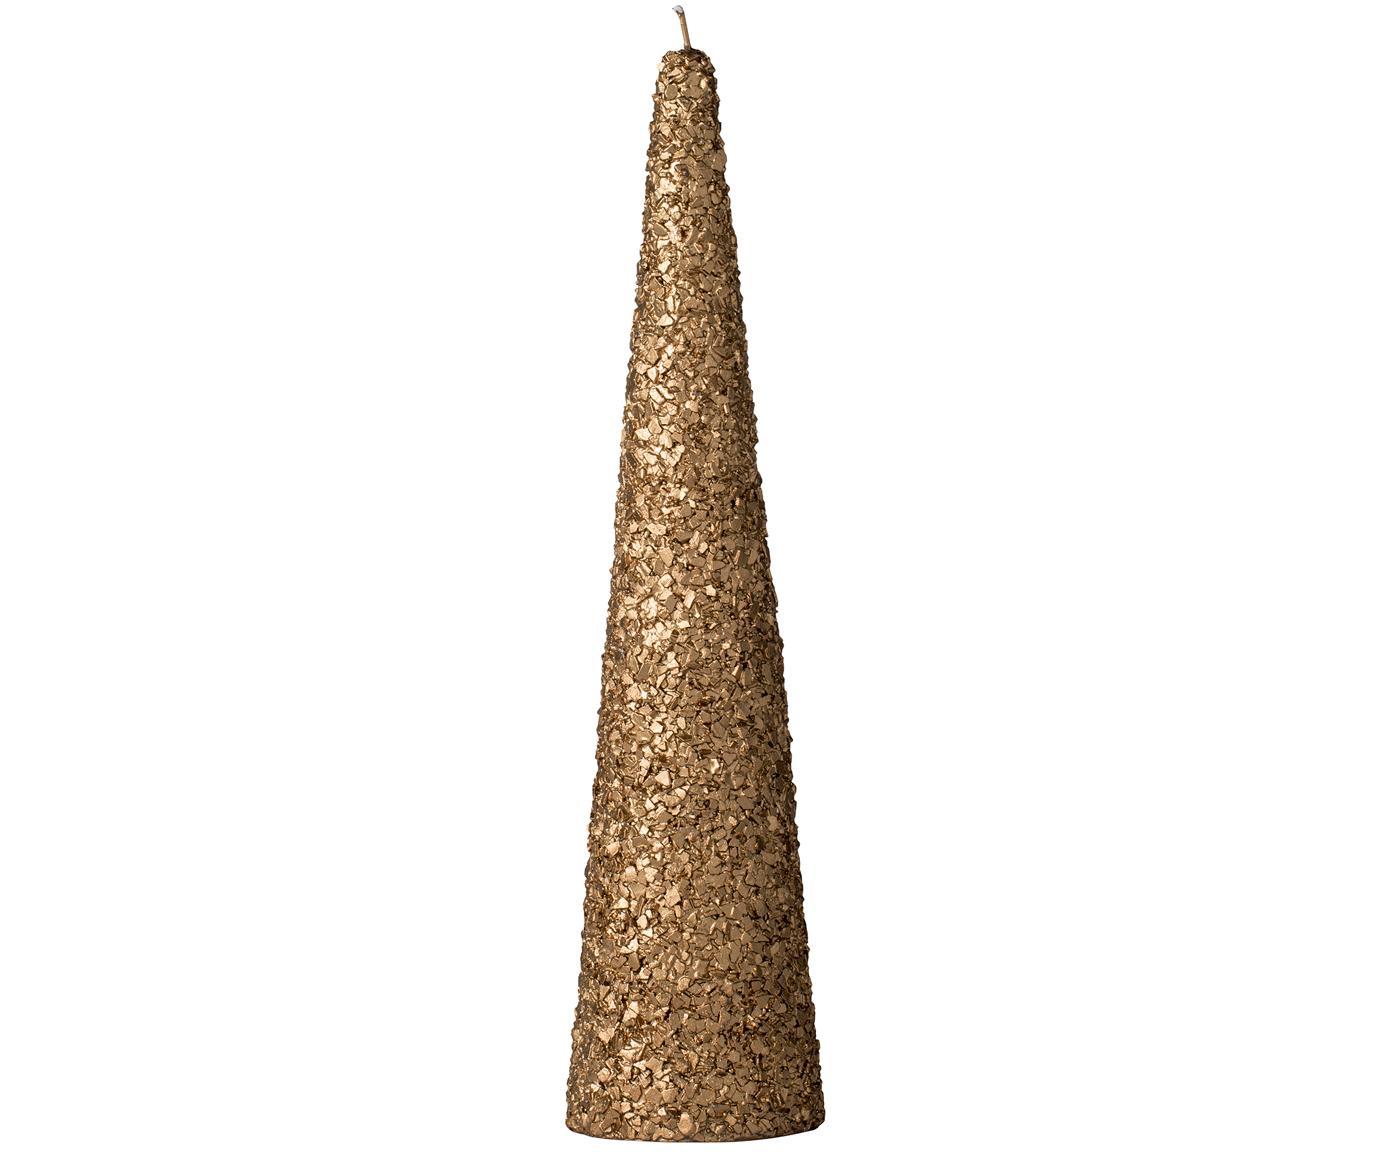 Świeca dekoracyjna  Gliteria, Parafina, Odcienie brązowego, Ø 7 x W 30 cm